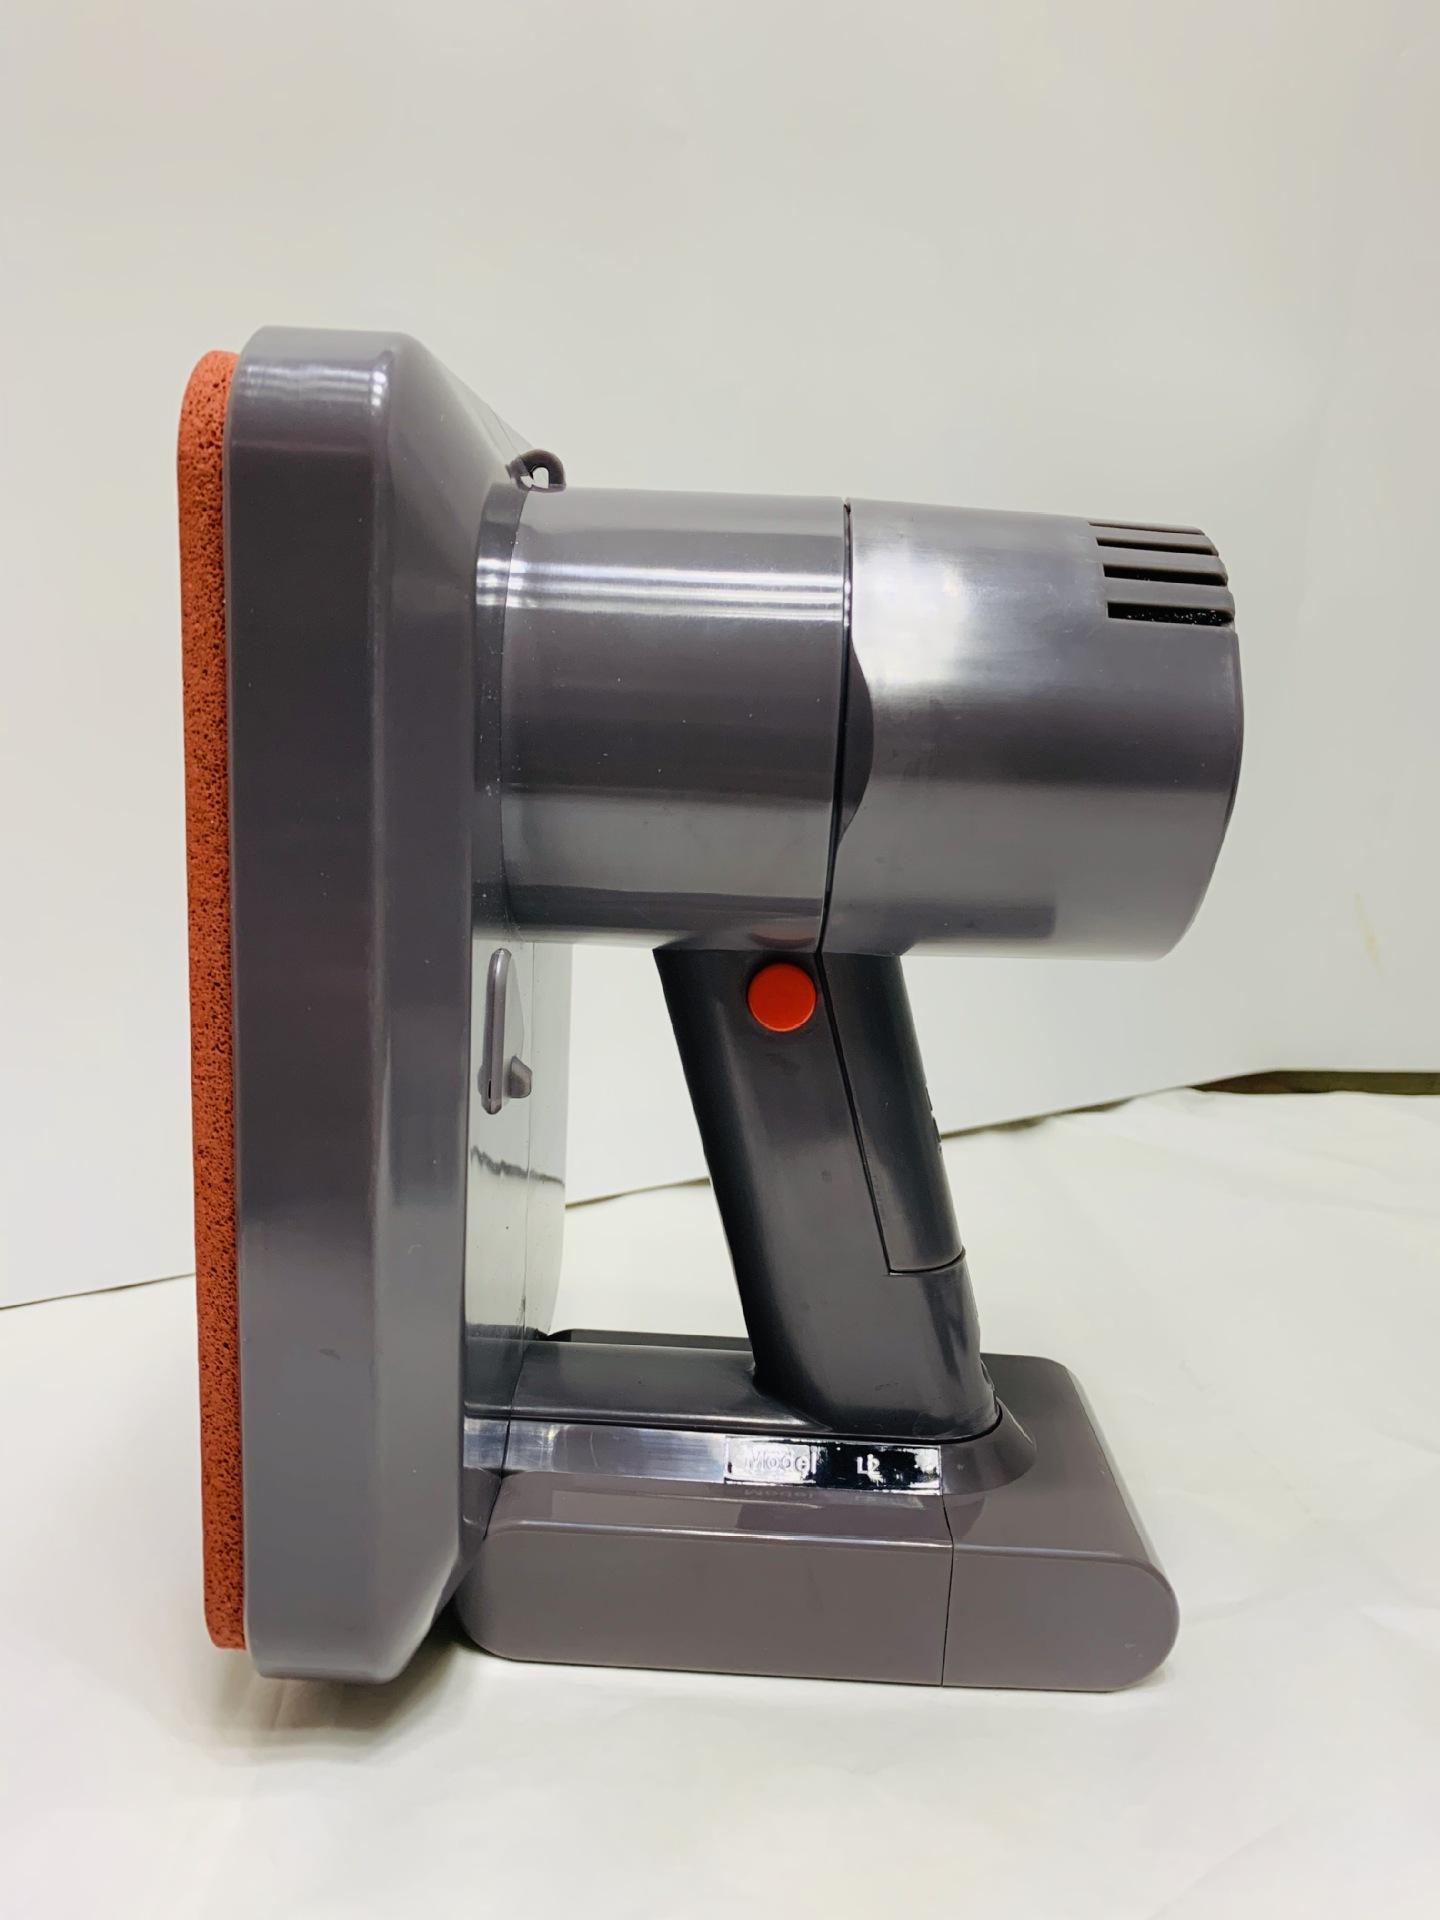 Công cụ bảo trì mặt màn hình đèn LED Máy nén điện tử có thể được dùng cho bộ máy tính đồ gốm